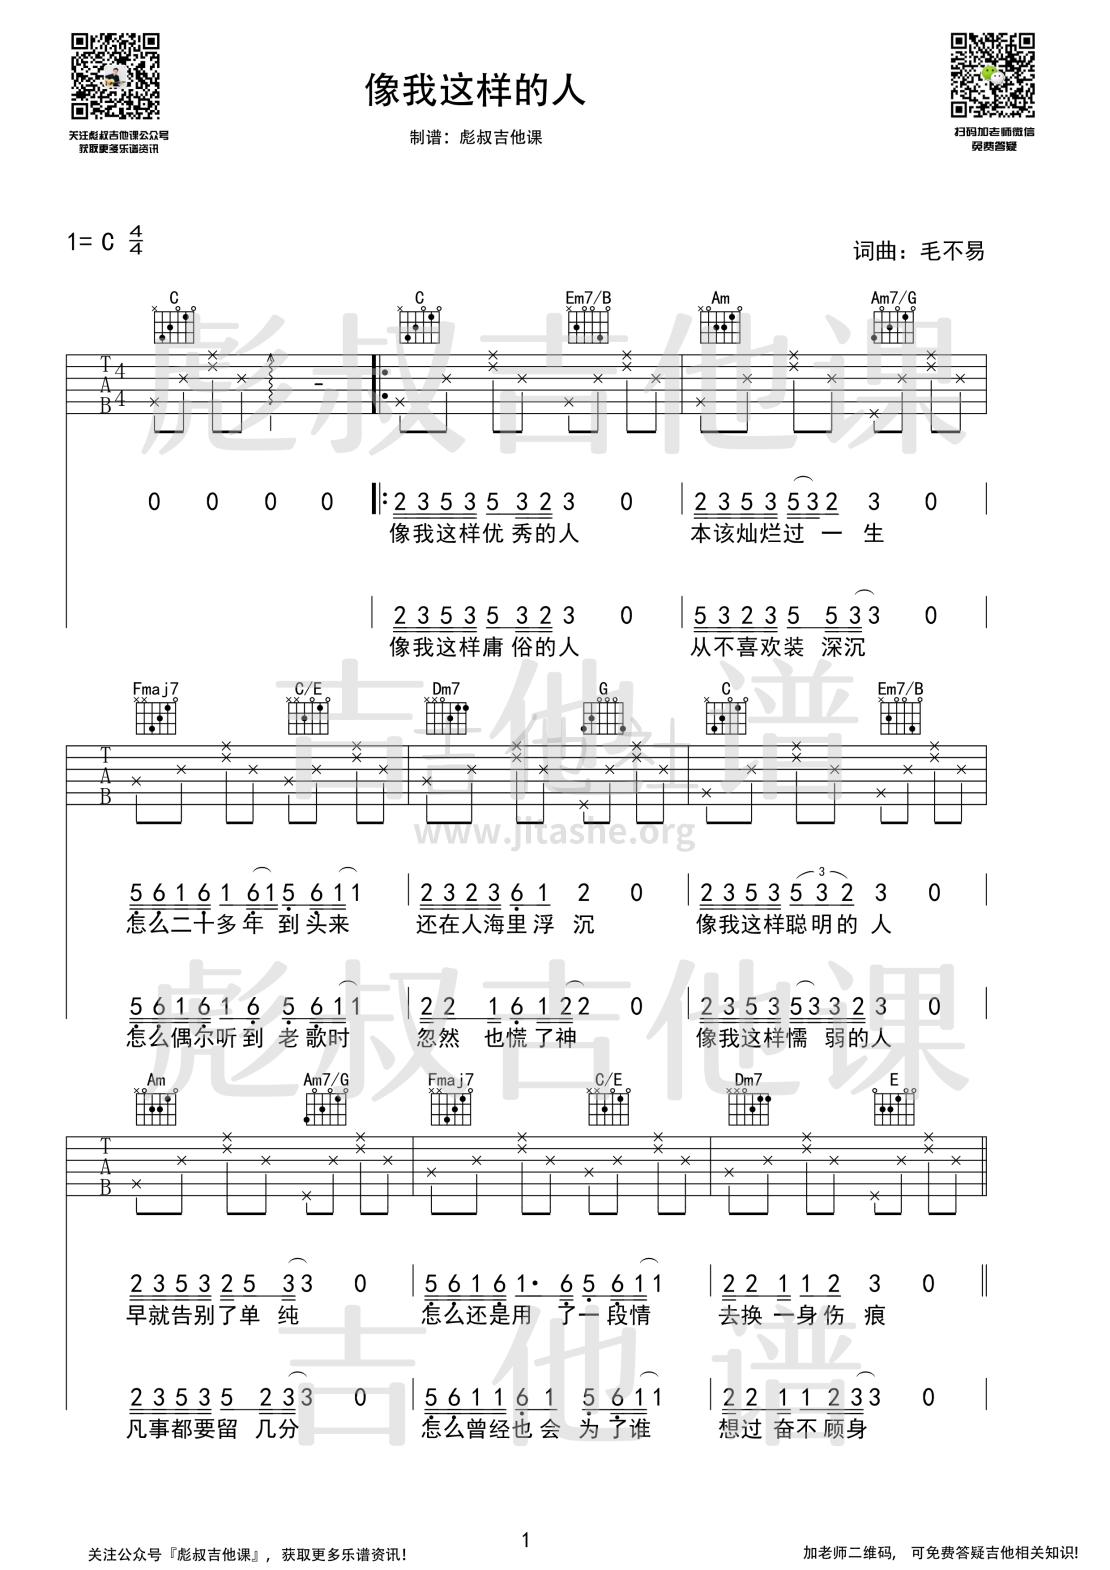 像我这样的人(彪叔吉他课制谱)吉他谱(图片谱,吉他谱,简单版,弹唱)_毛不易(王维家)_像我这样的人 校订_1.png